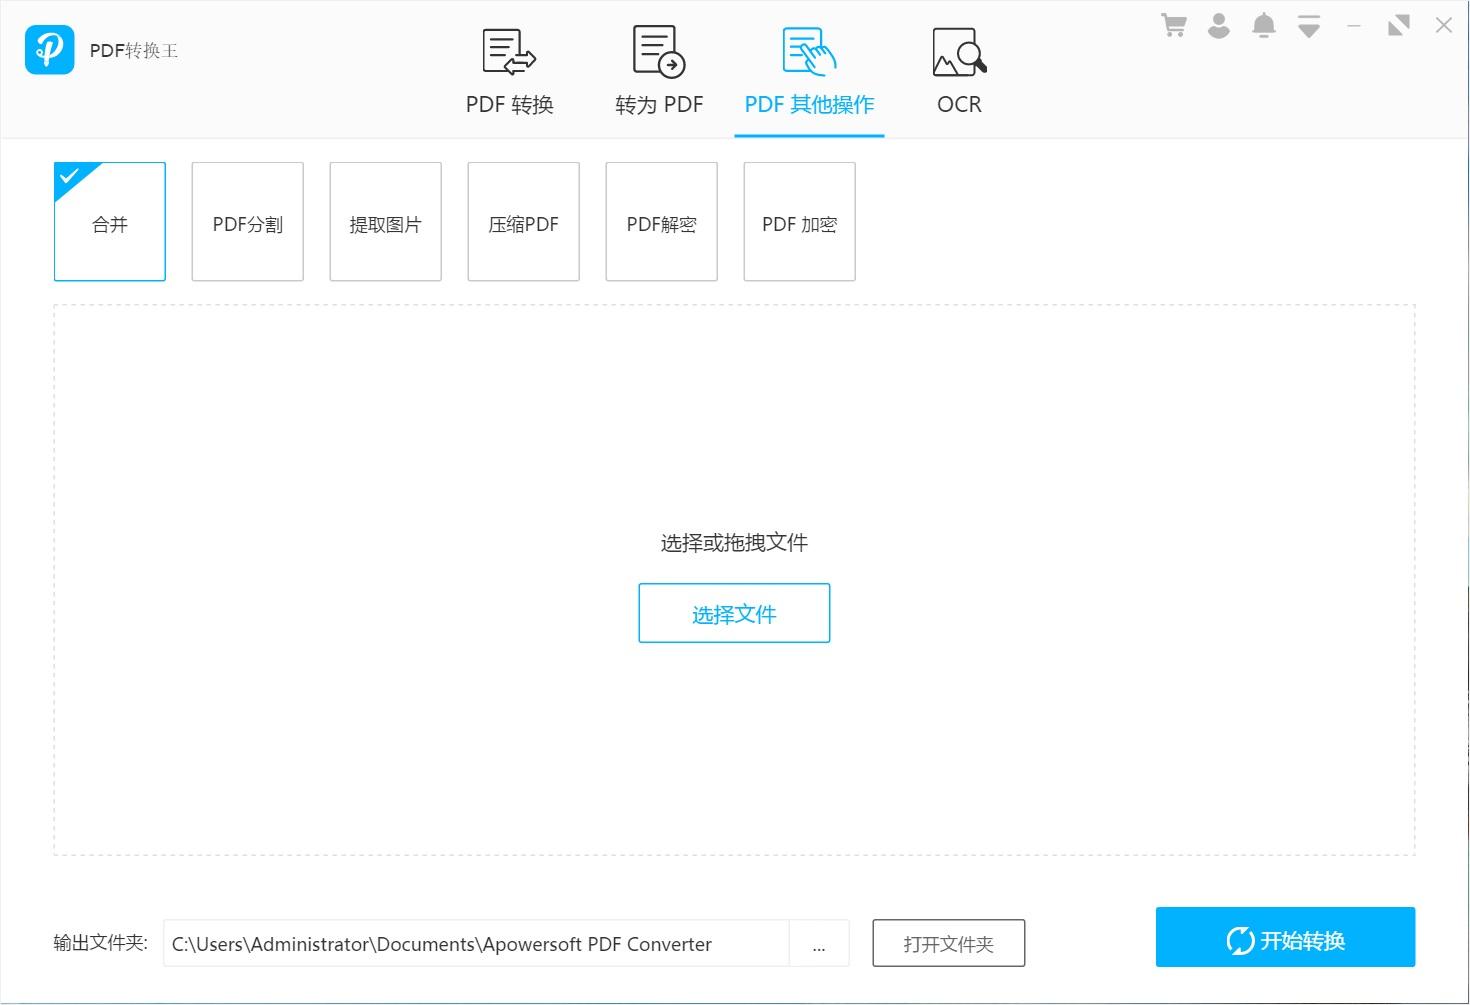 Apowersoft PDF Converter 破解版.jpg